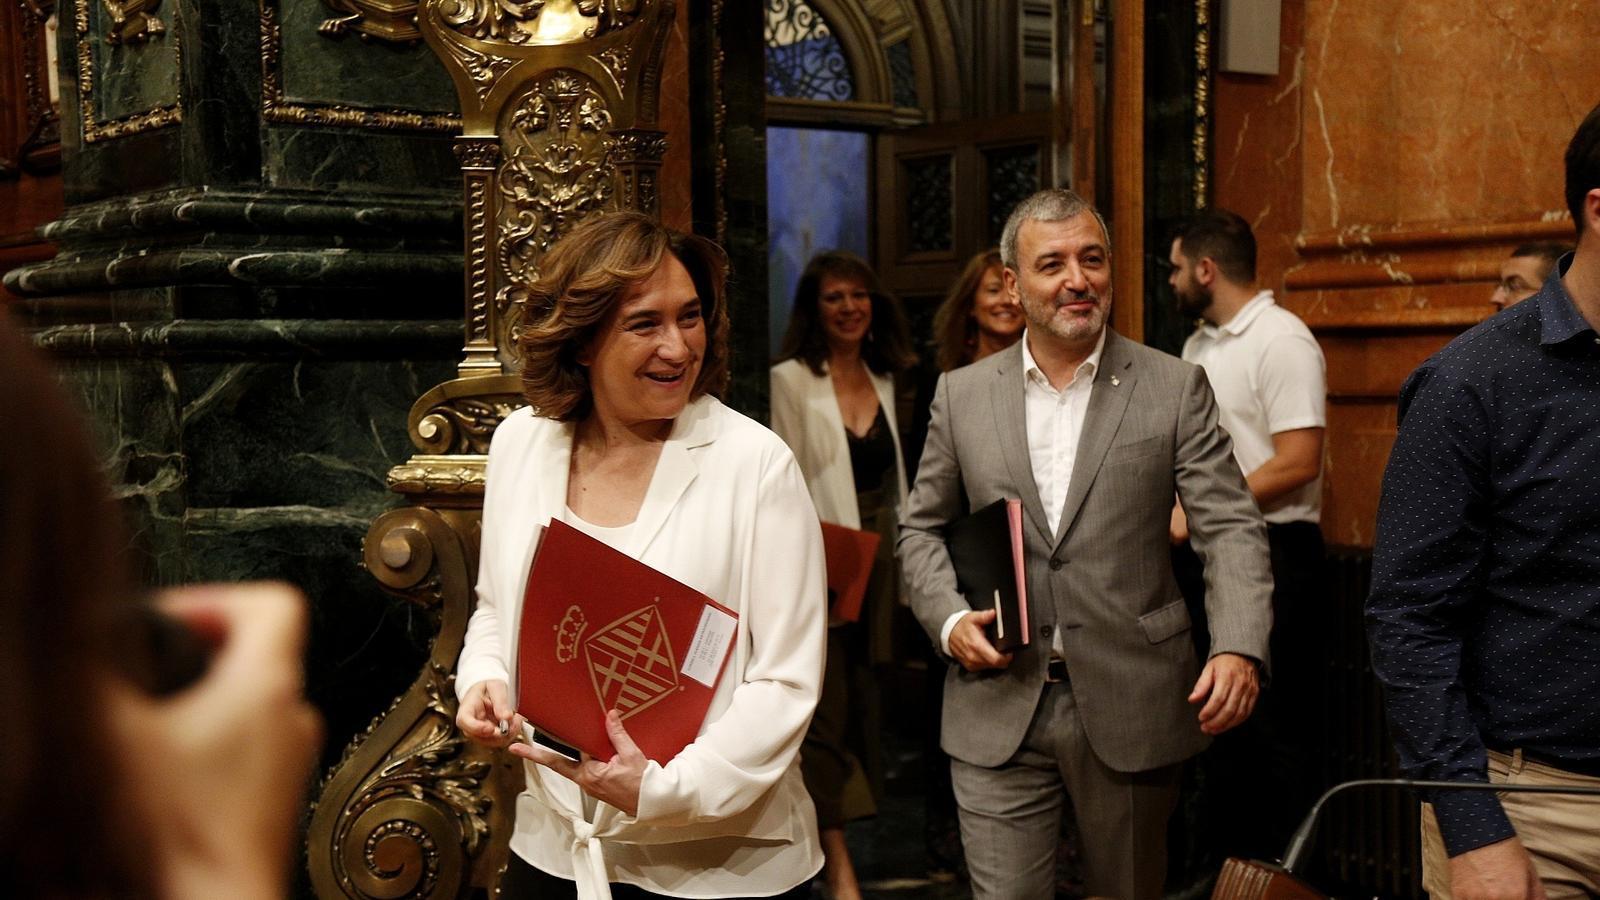 Aragonès proposa una rebaixa del 30% de les taxes universitàries per atreure els comuns als comptes